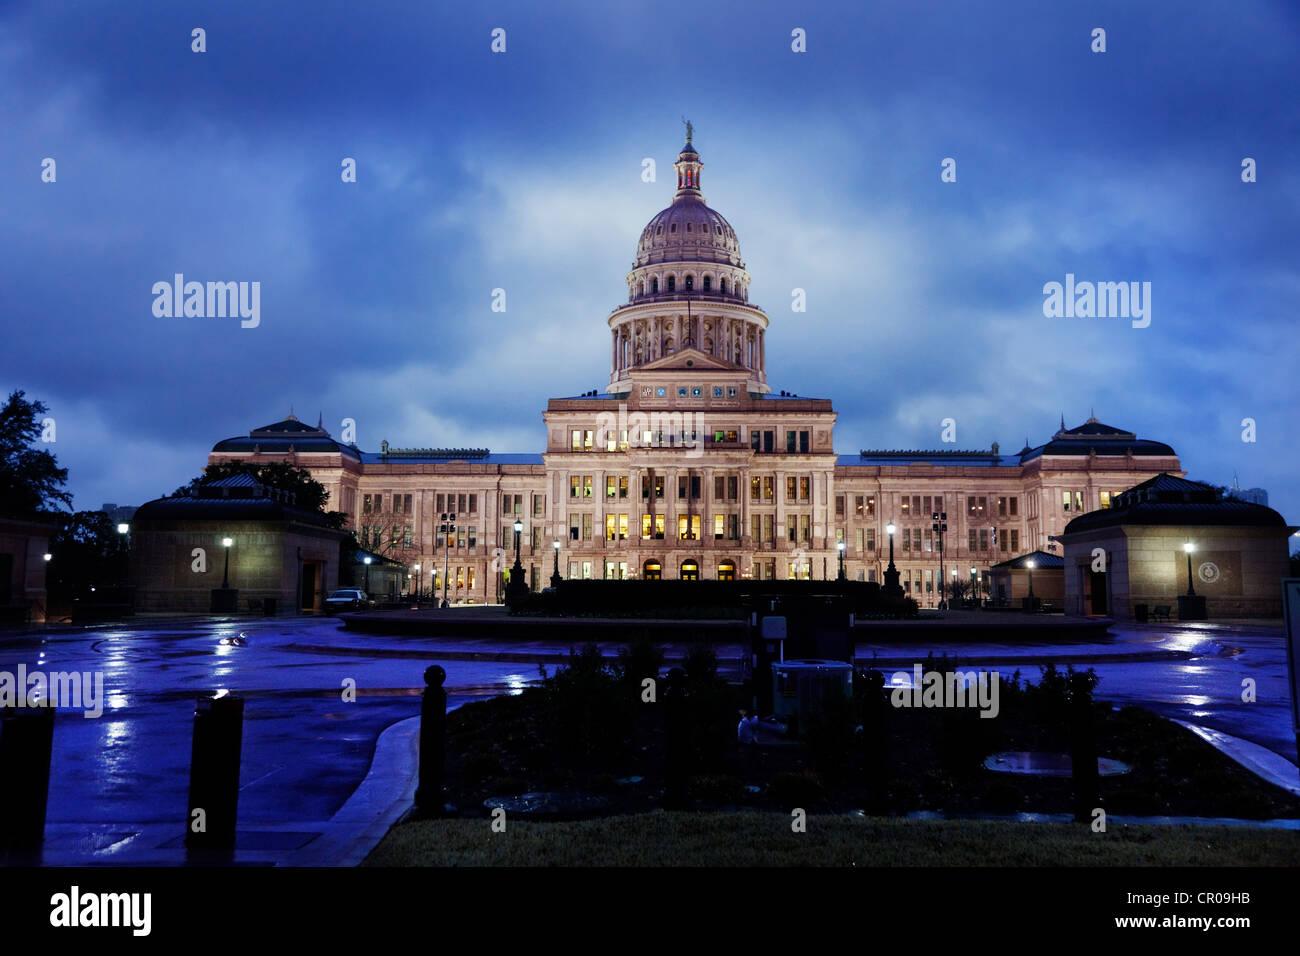 Texas State Capitol Gebäude in Austin an einem regnerischen Abend Stockbild